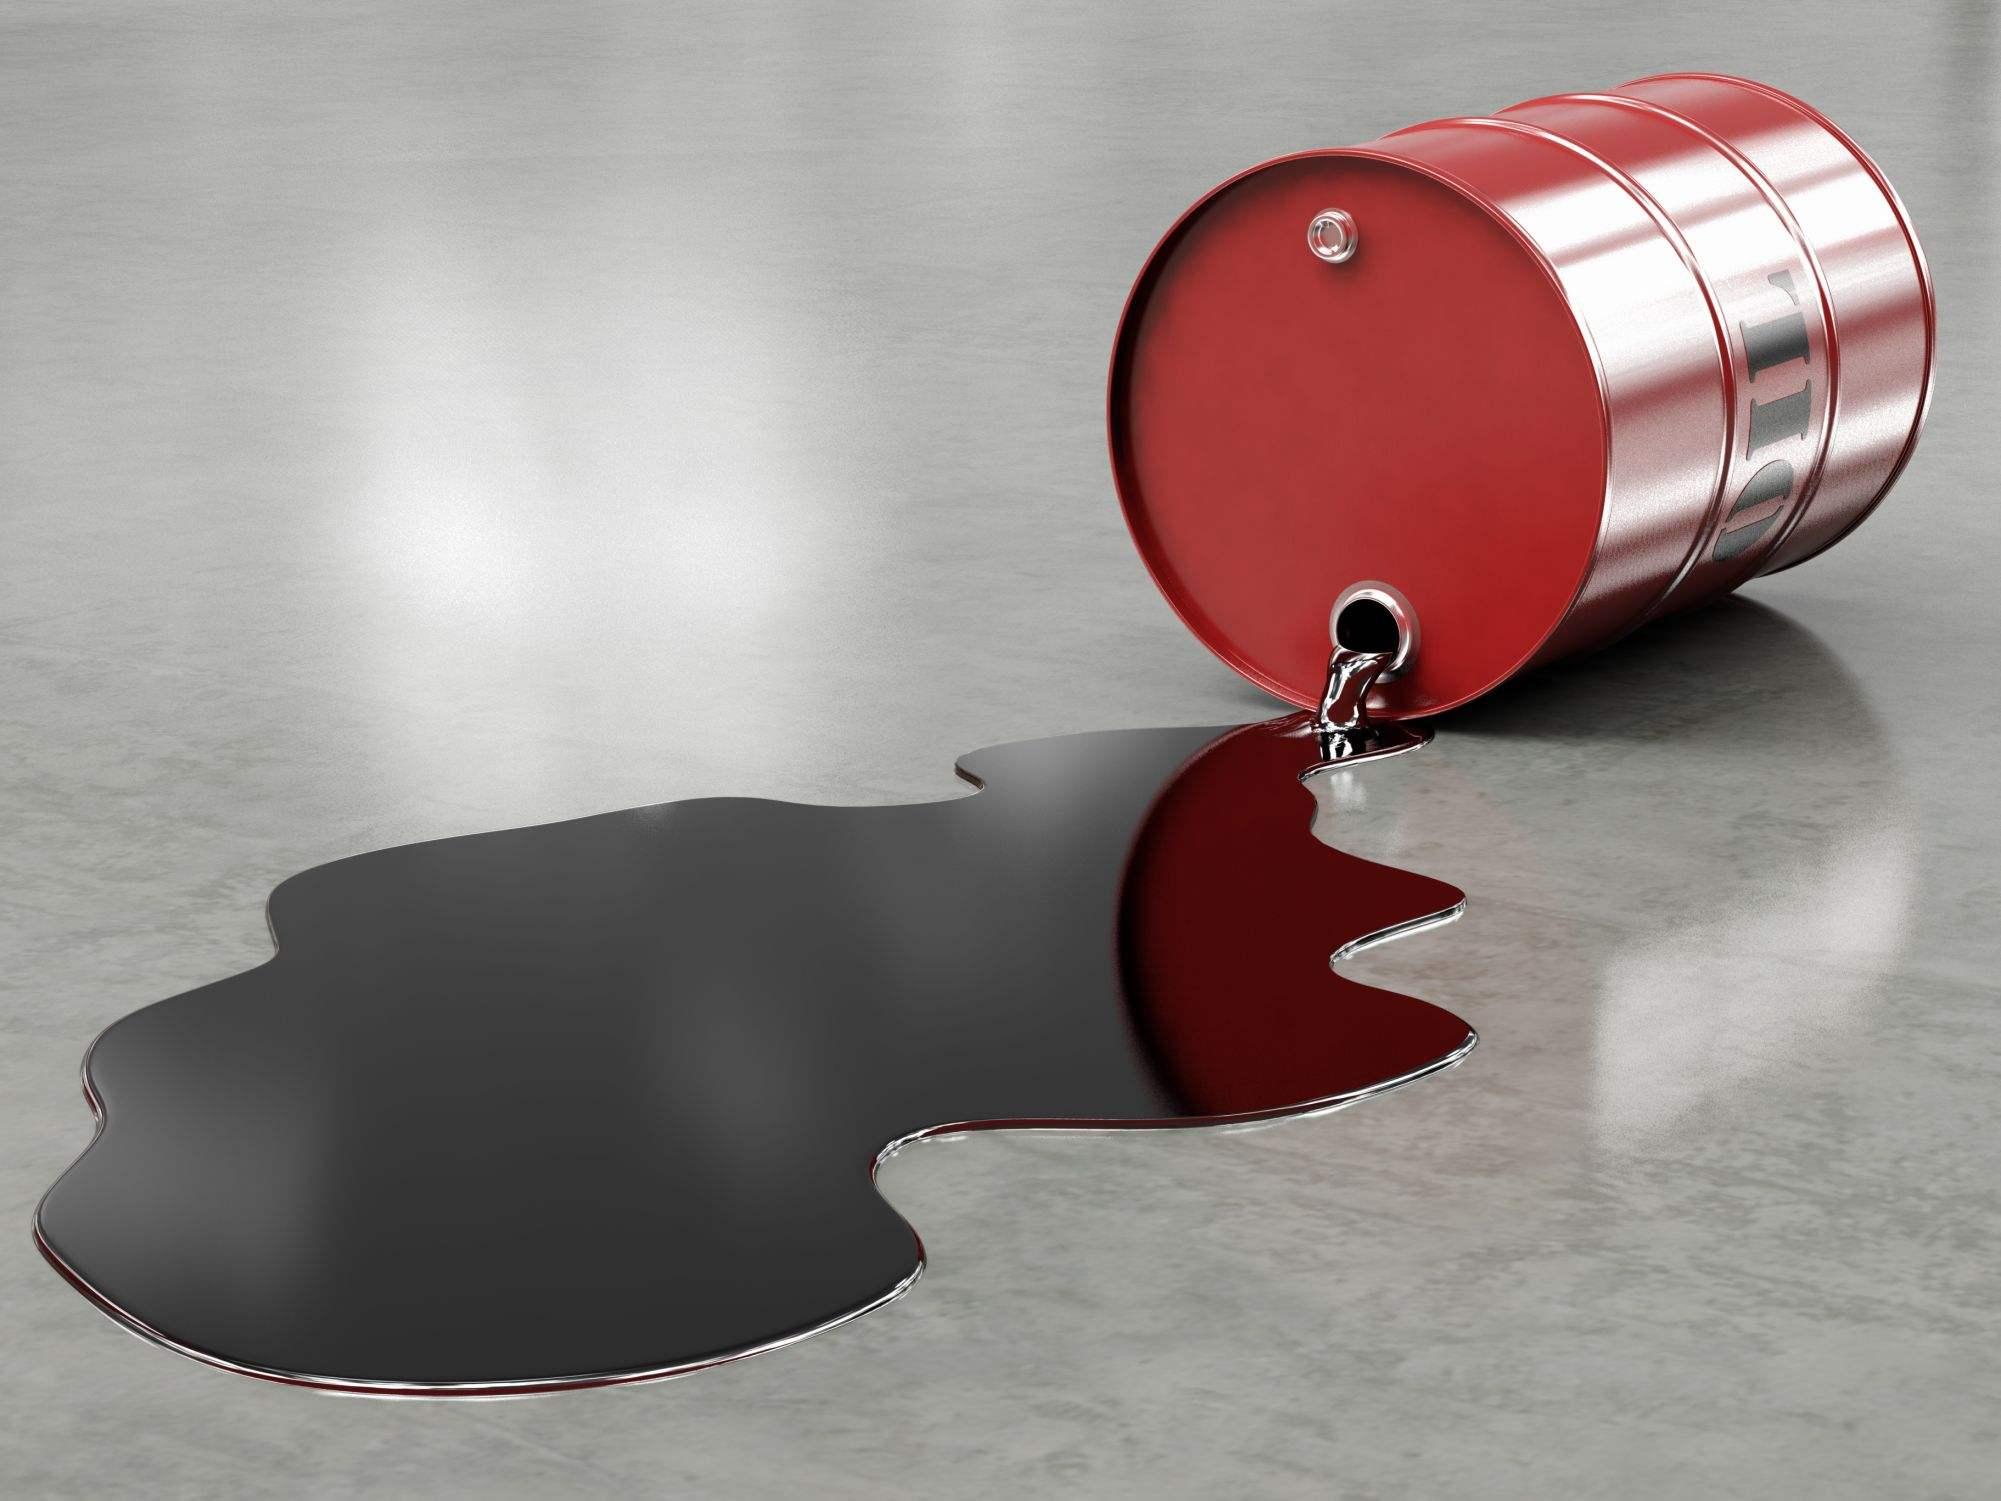 """原油交易提醒:沙特料不会推动原油""""武器化"""""""